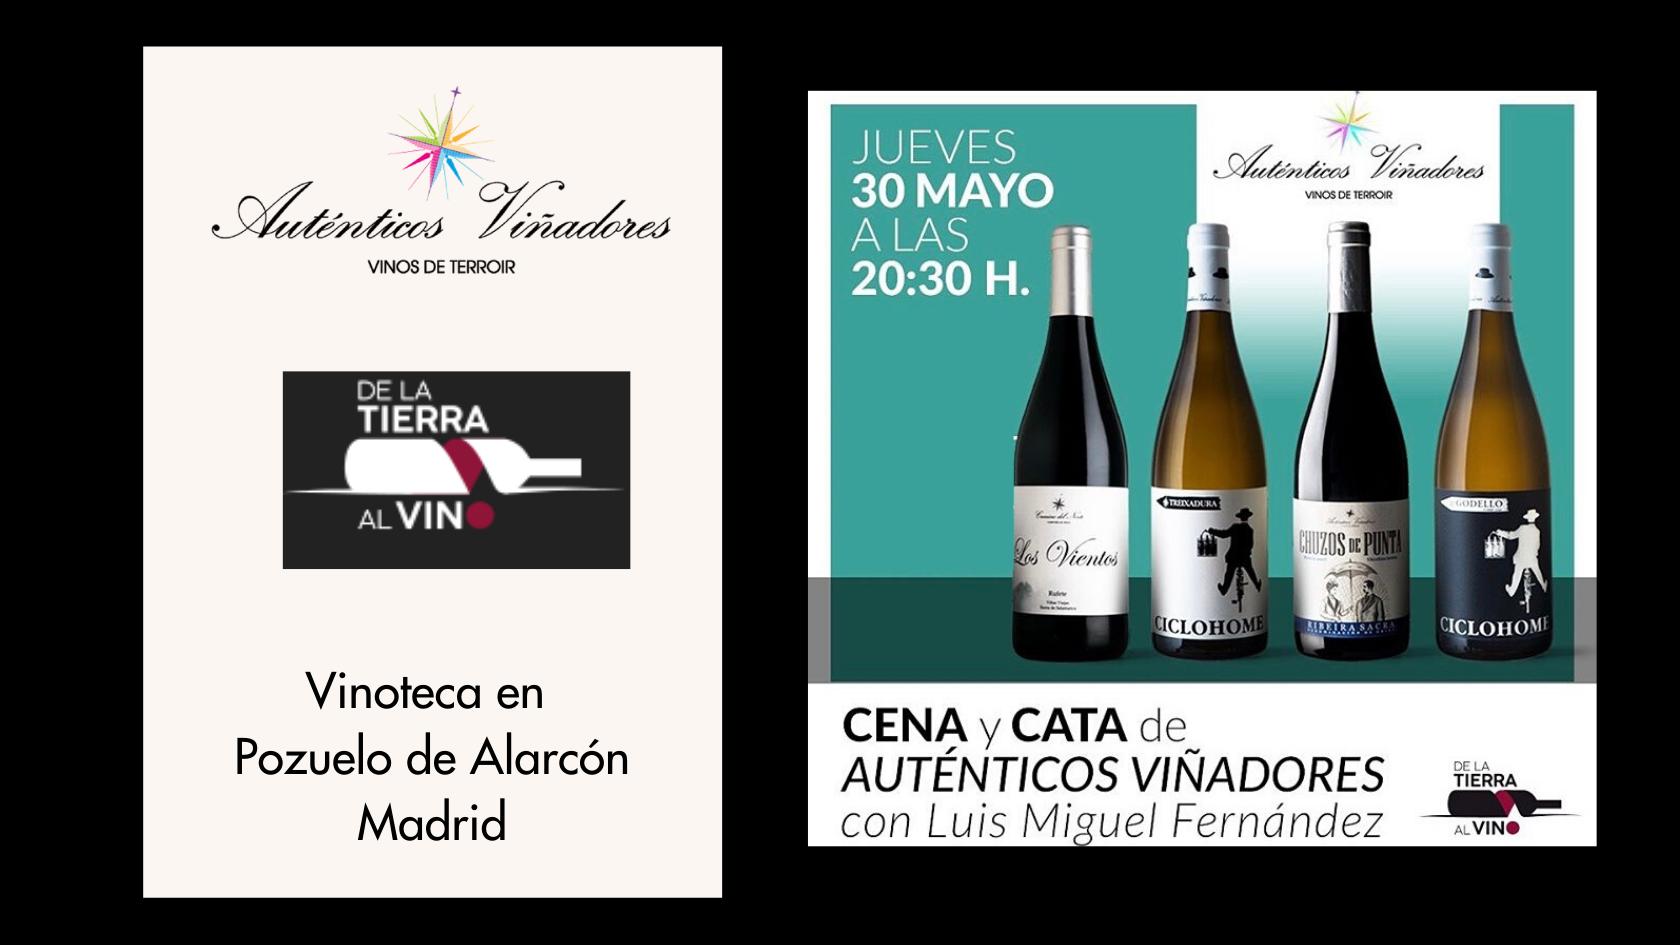 Cata – Cena en De la Tierra al Vino, vinoteca en Pozuelo de Alarcón